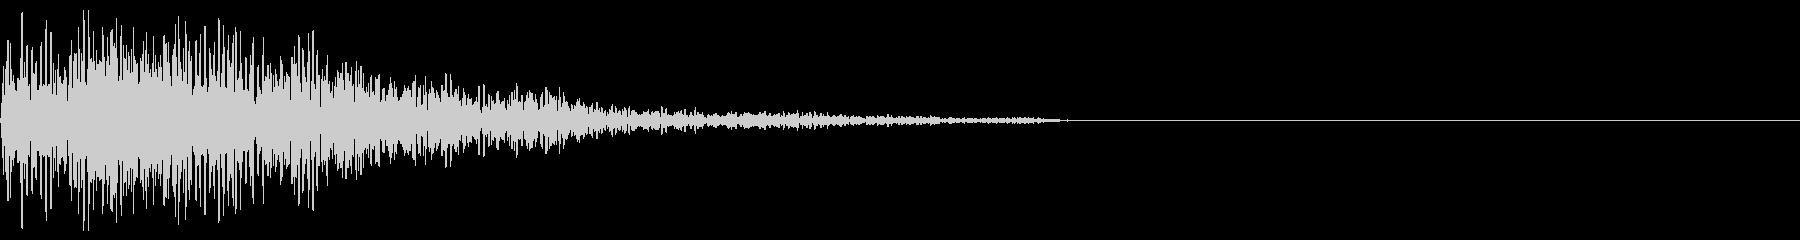 フォーン 高品位なボタン音の未再生の波形